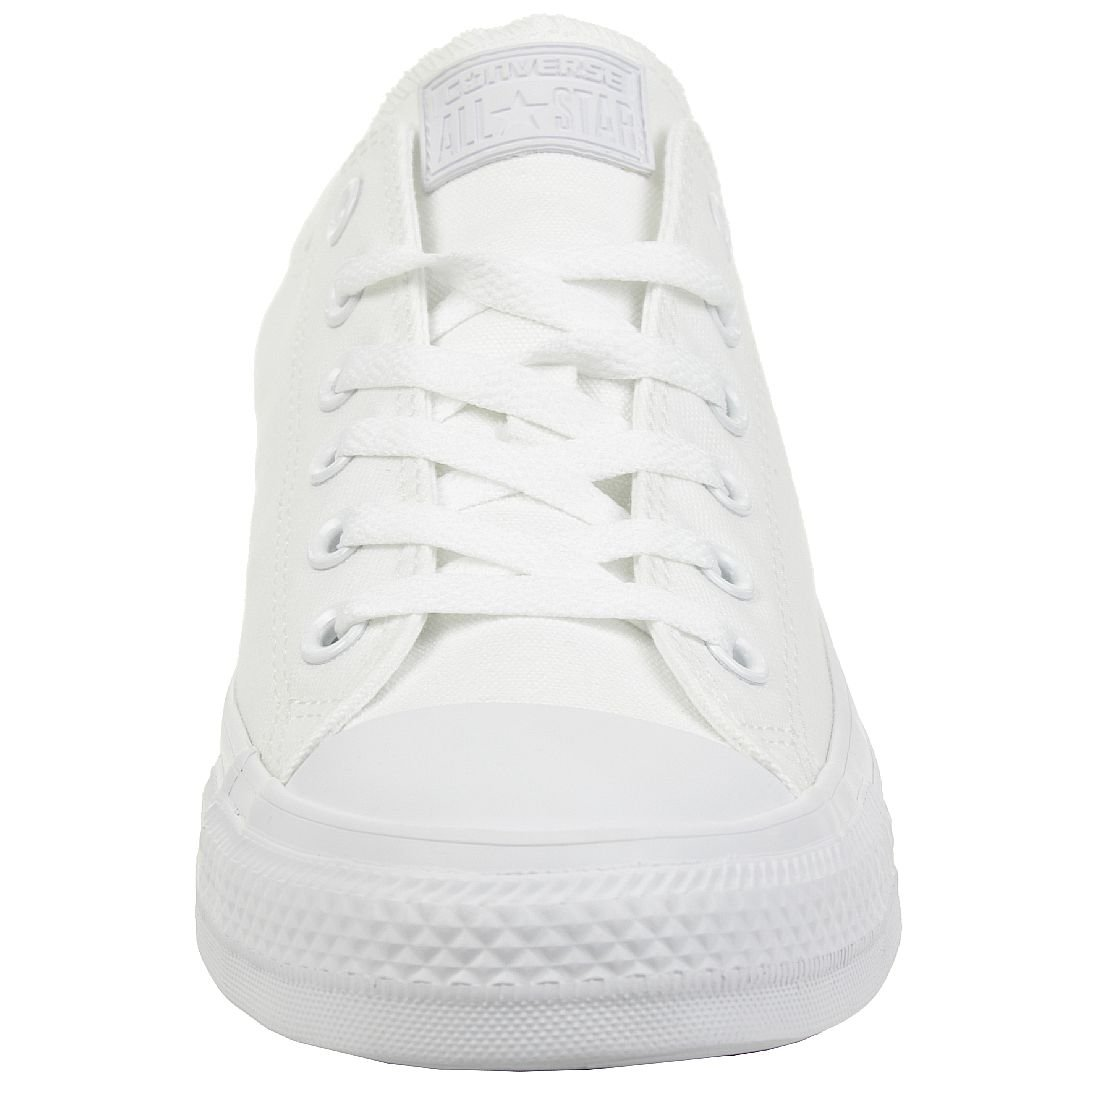 Converse AS Hi Can charcoal 1J793 1J793 charcoal Unisex-Erwachsene Sneaker Weiß 50ad95